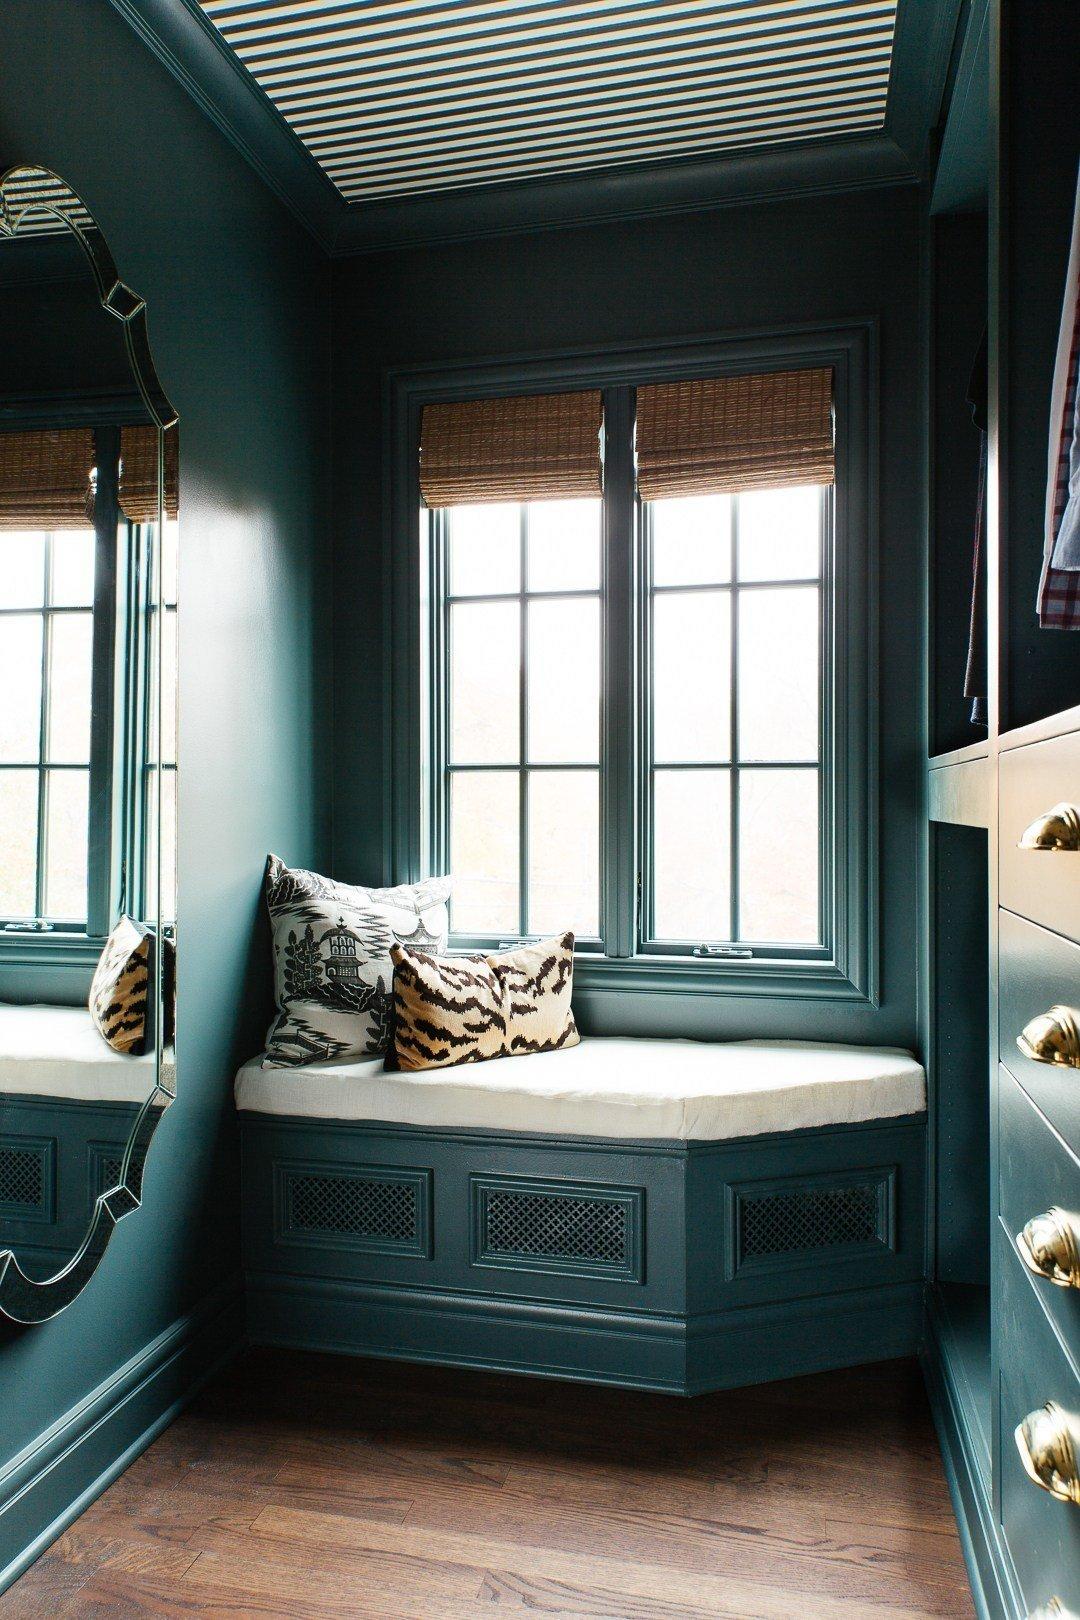 Как сделать диванчик на подоконнике? идеи для дома,интерьер и дизайн,своими руками